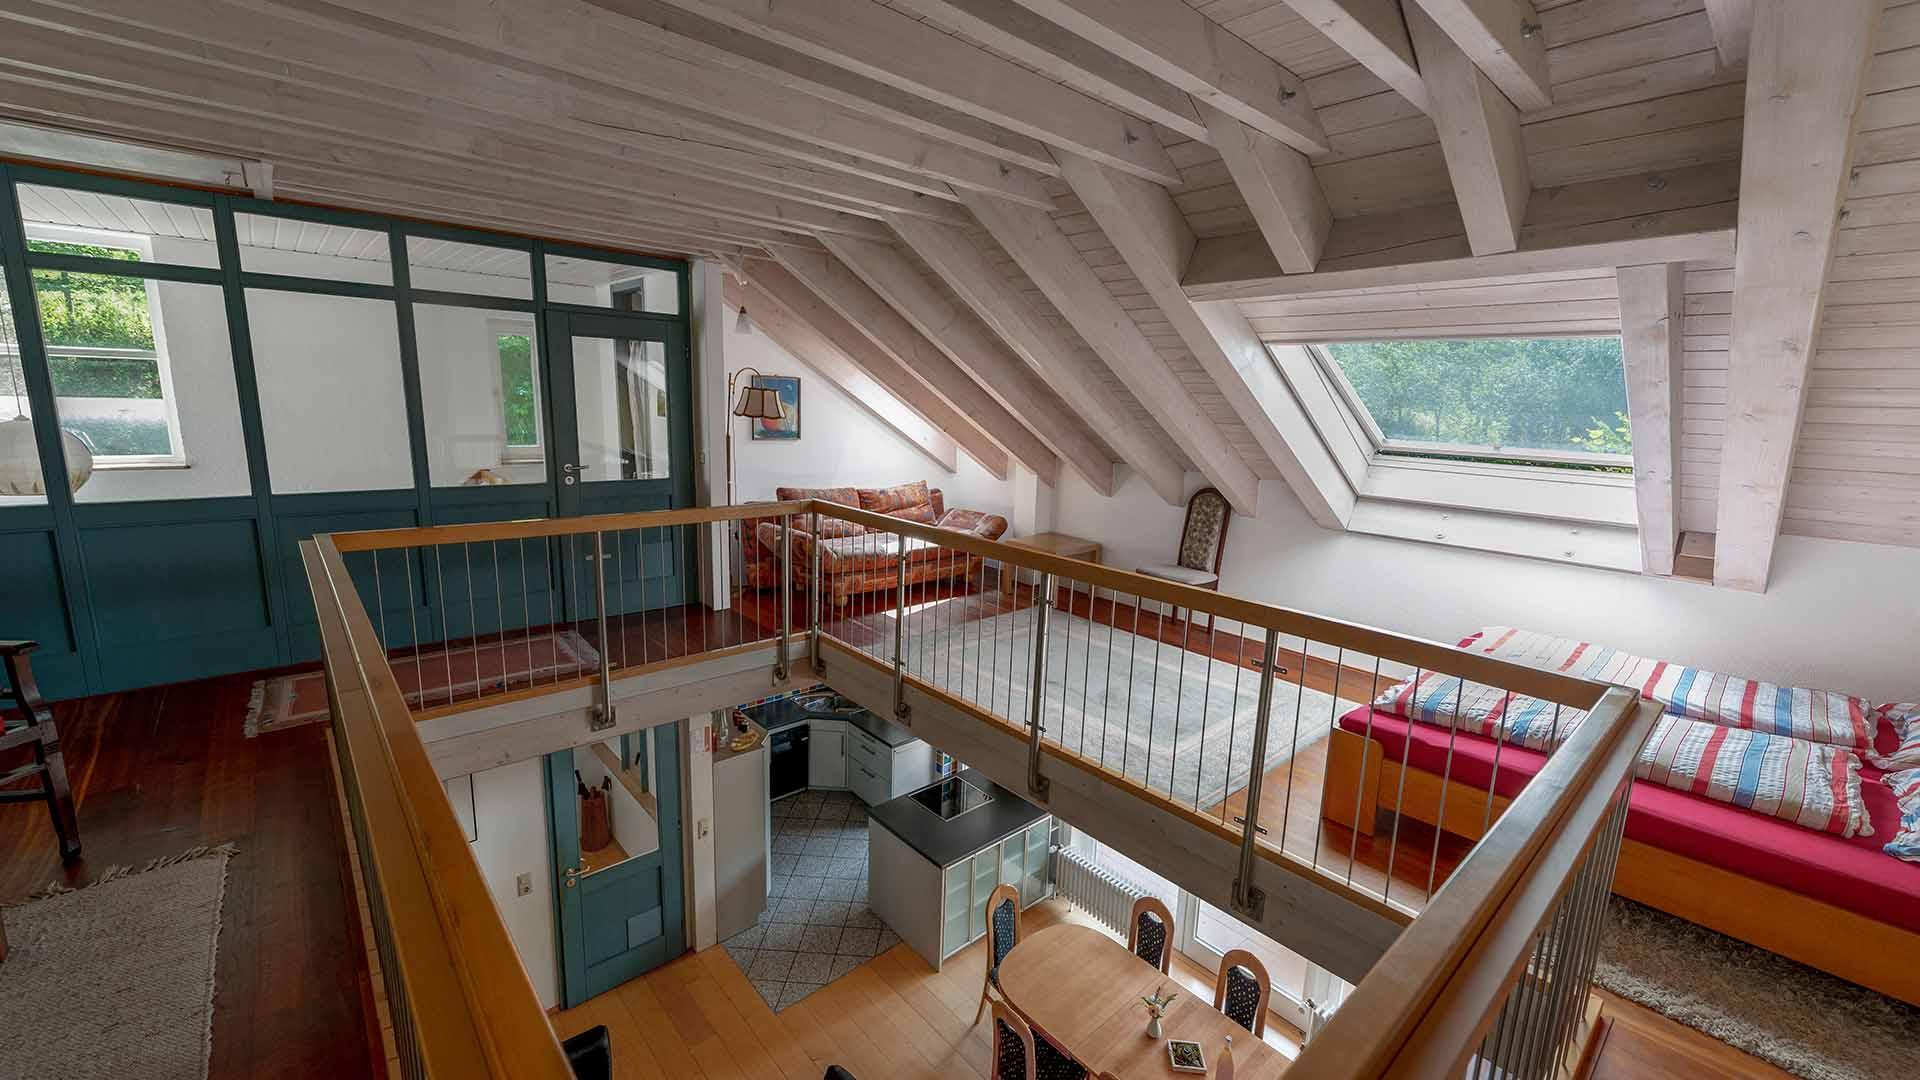 Ferienhaus am Schönwasen - Galerie Obergeschoss